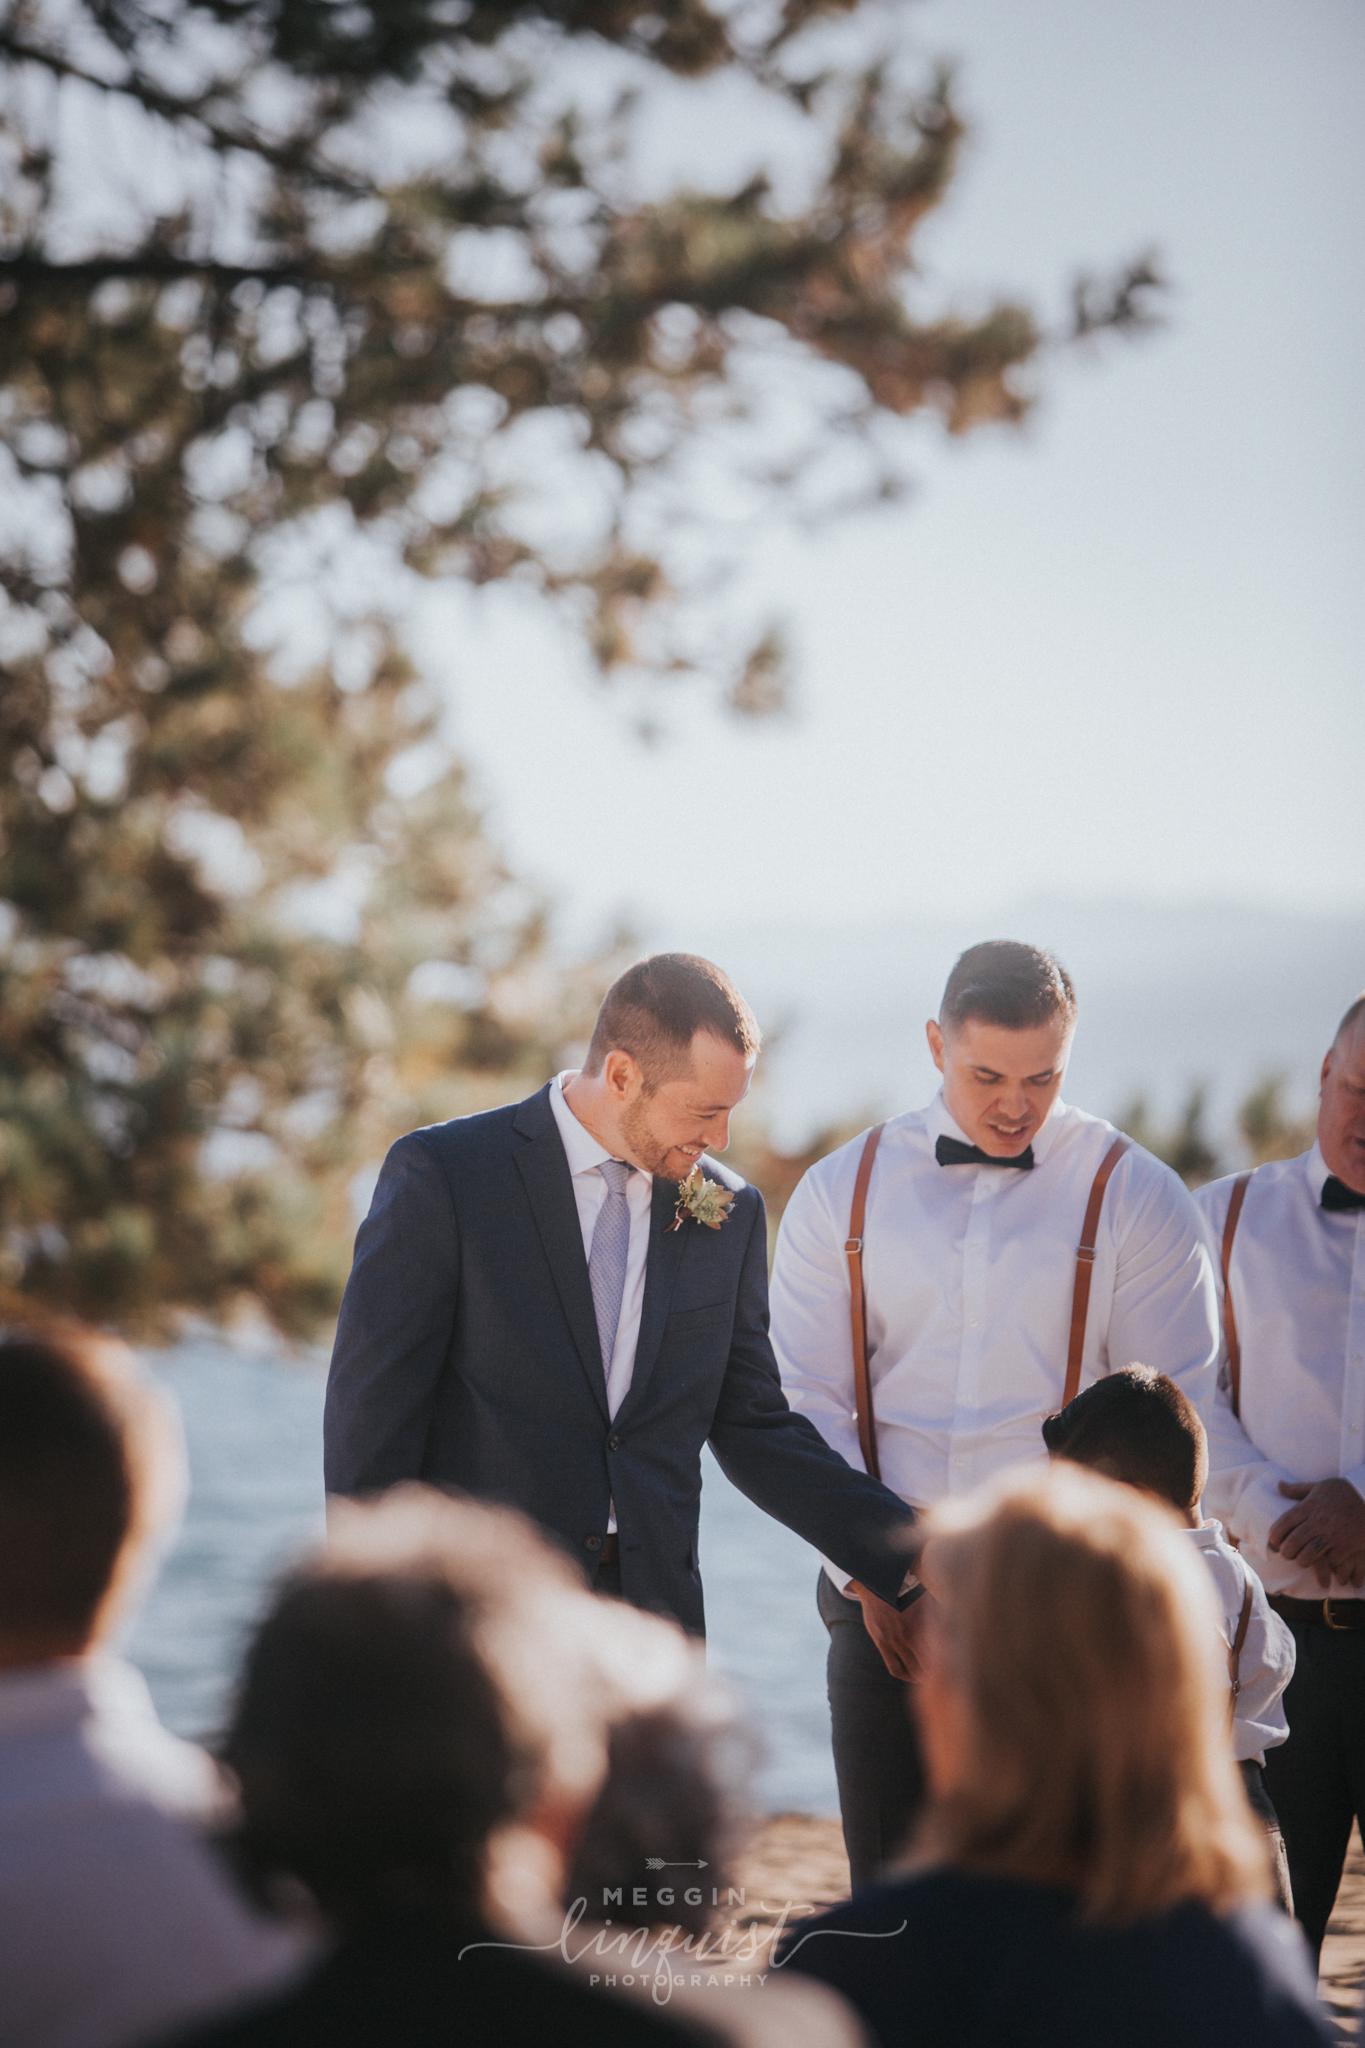 bohemian-style-lake-wedding-reno-lake-tahoe-wedding-photographer-11.jpg